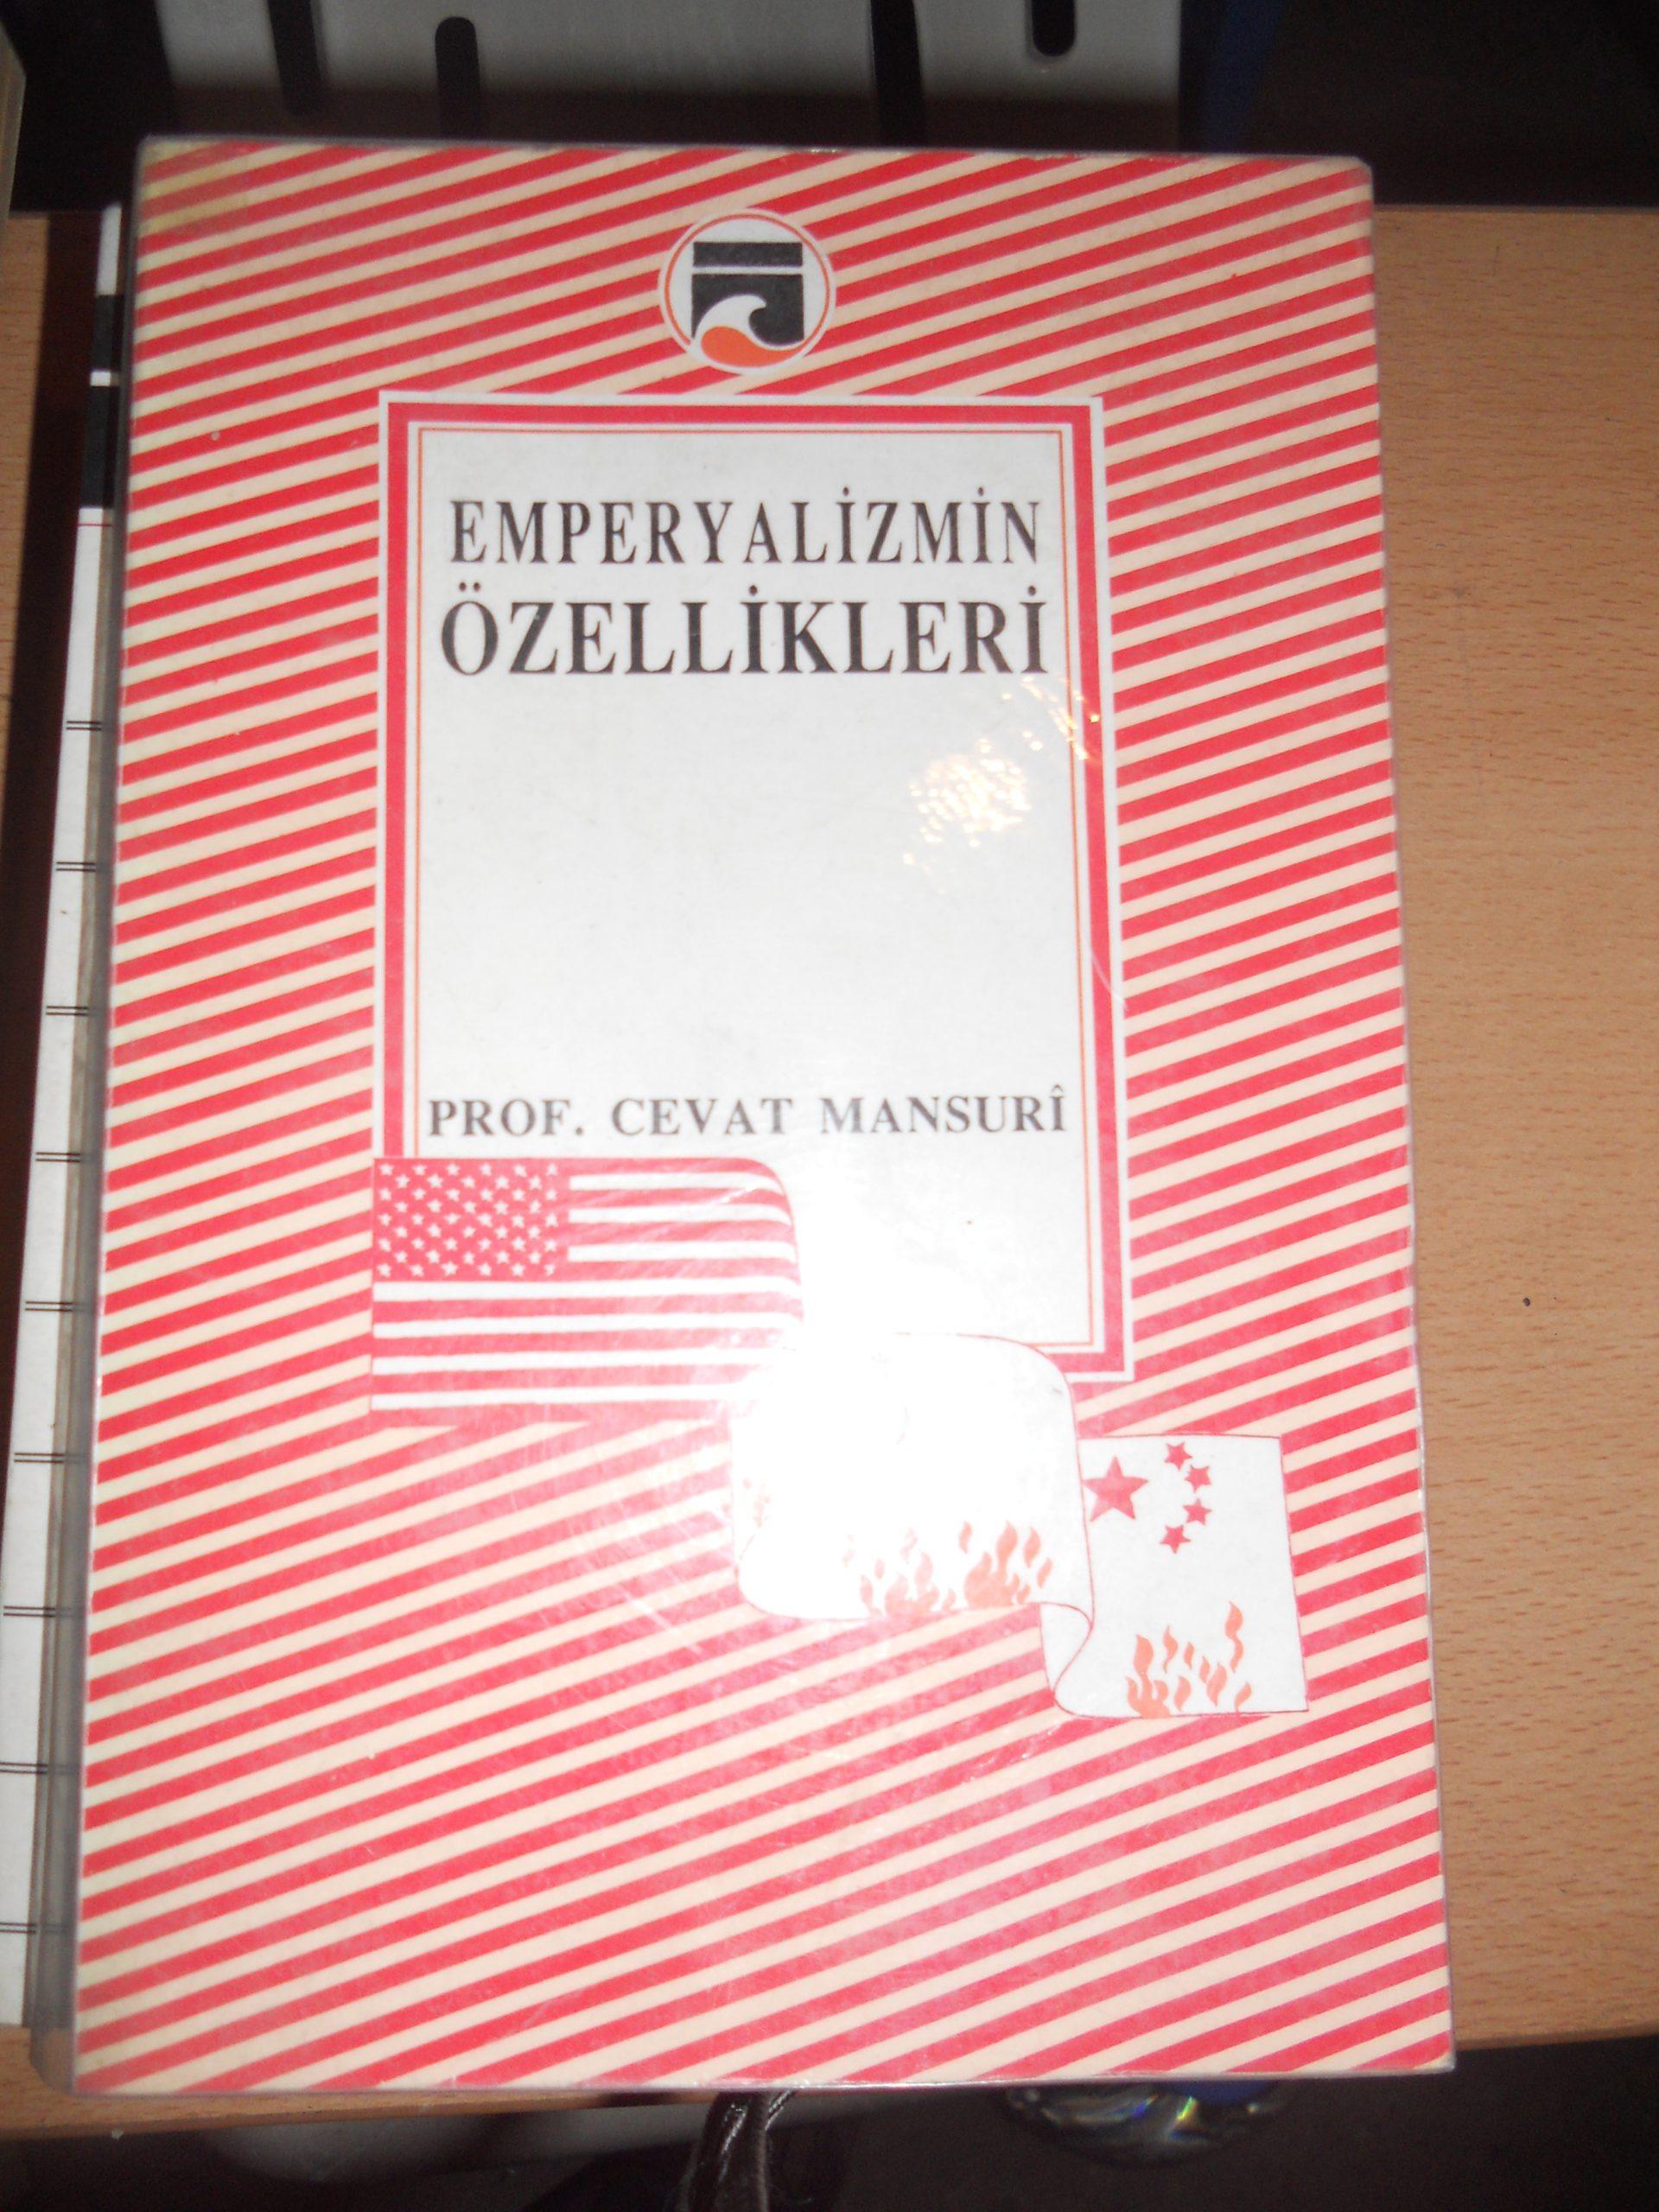 EMPERYALİZMİN ÖZELLİKLERİ/ Cevat MANSURİ/ 10 tl